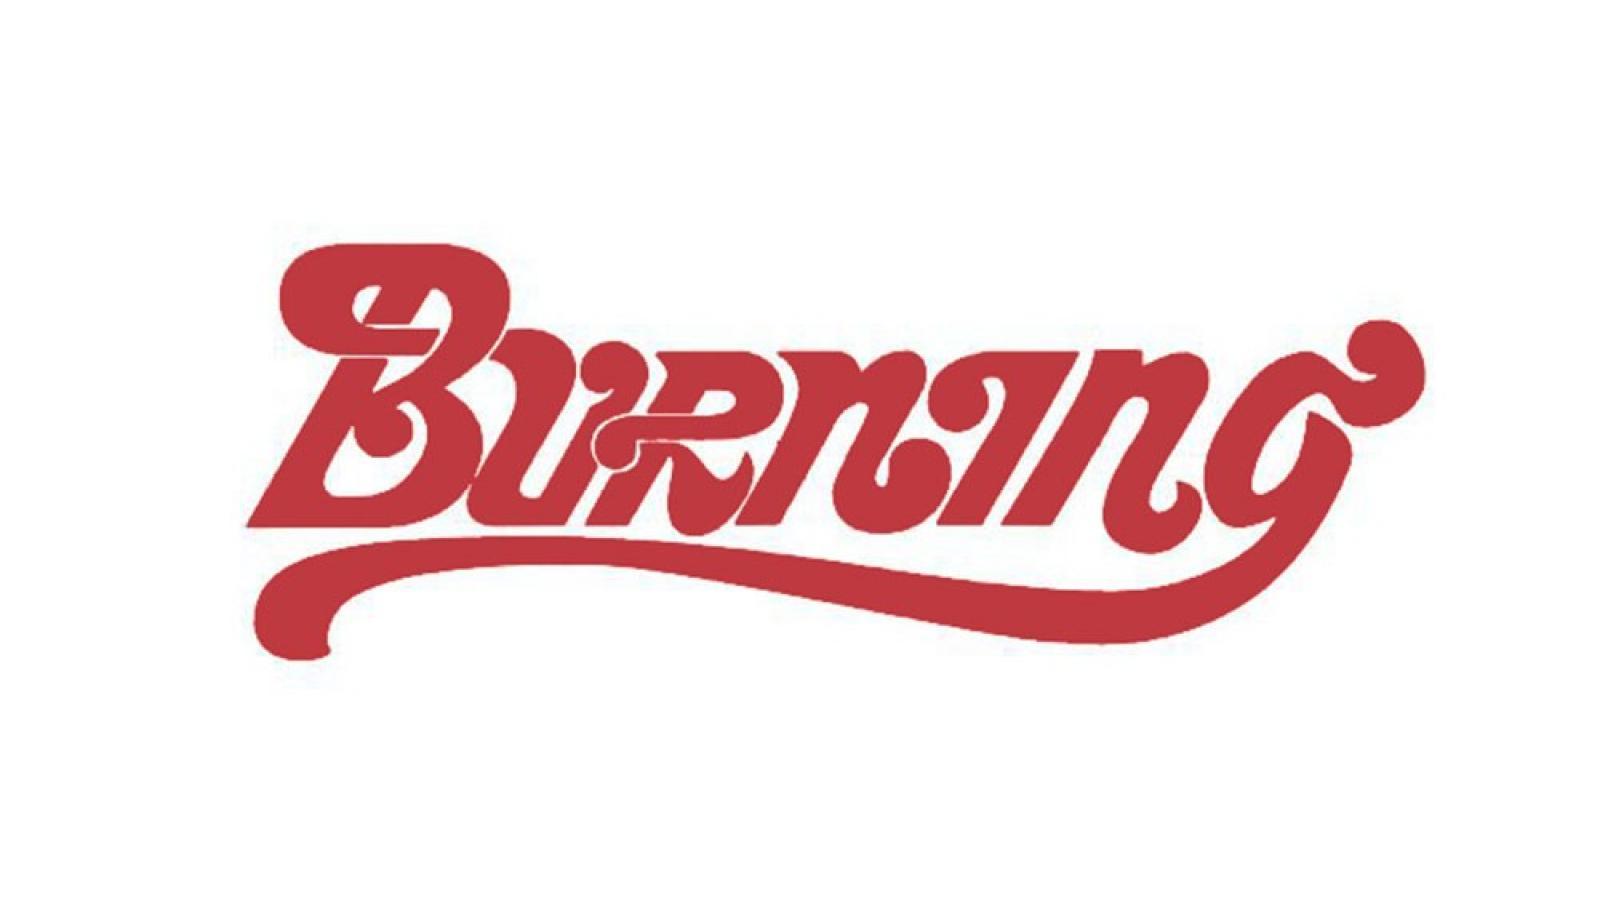 Logotipo de Burning.